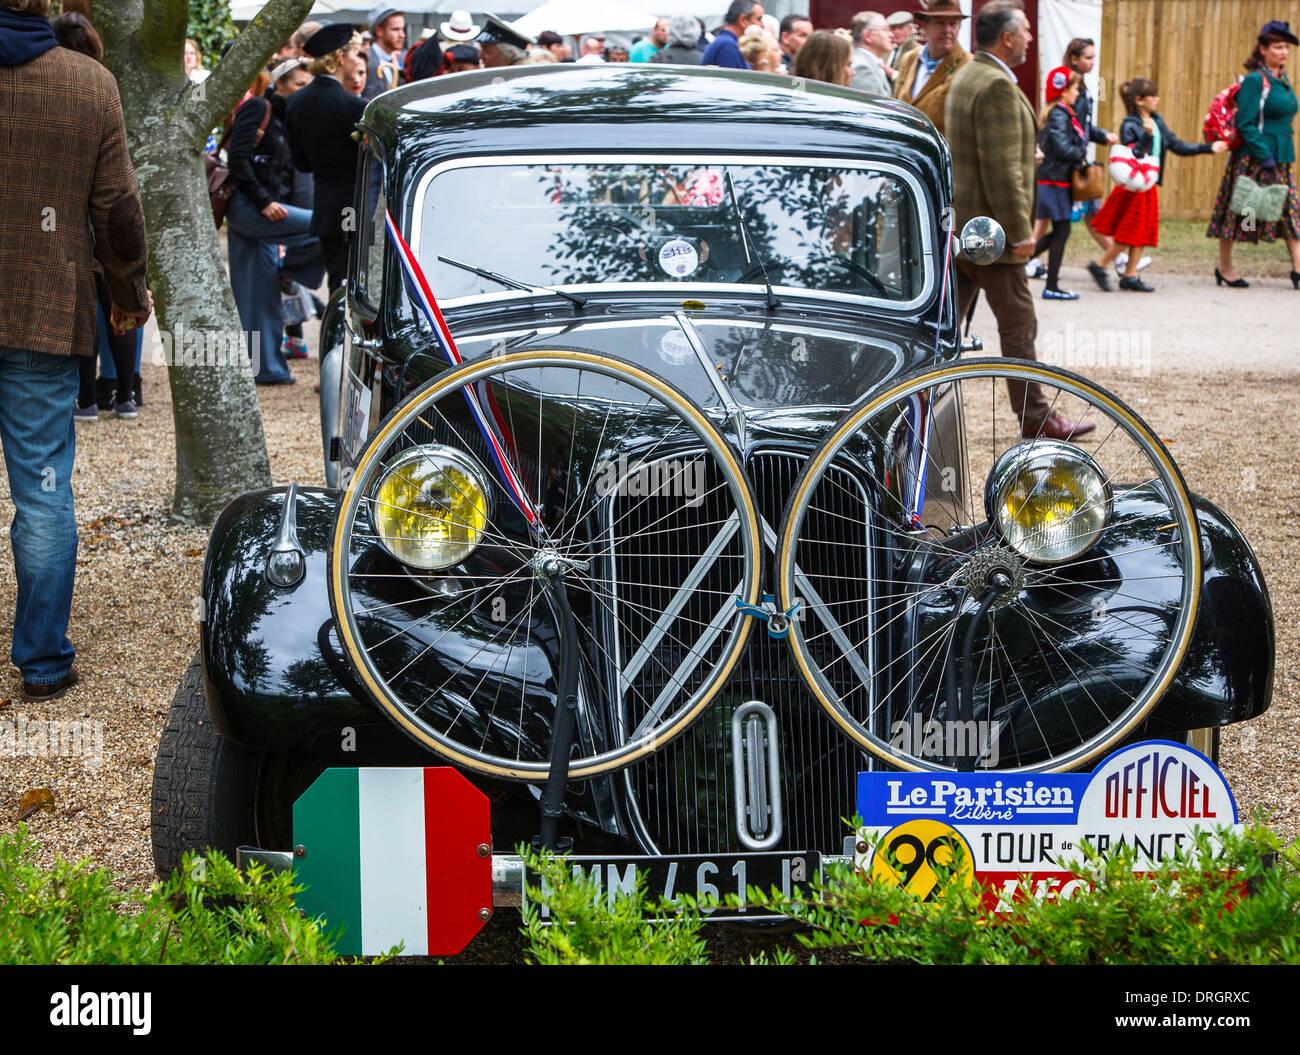 Citroen Vintage Tour de France voiture à la Goodwood Revival 2013, West Sussex, UK Photo Stock